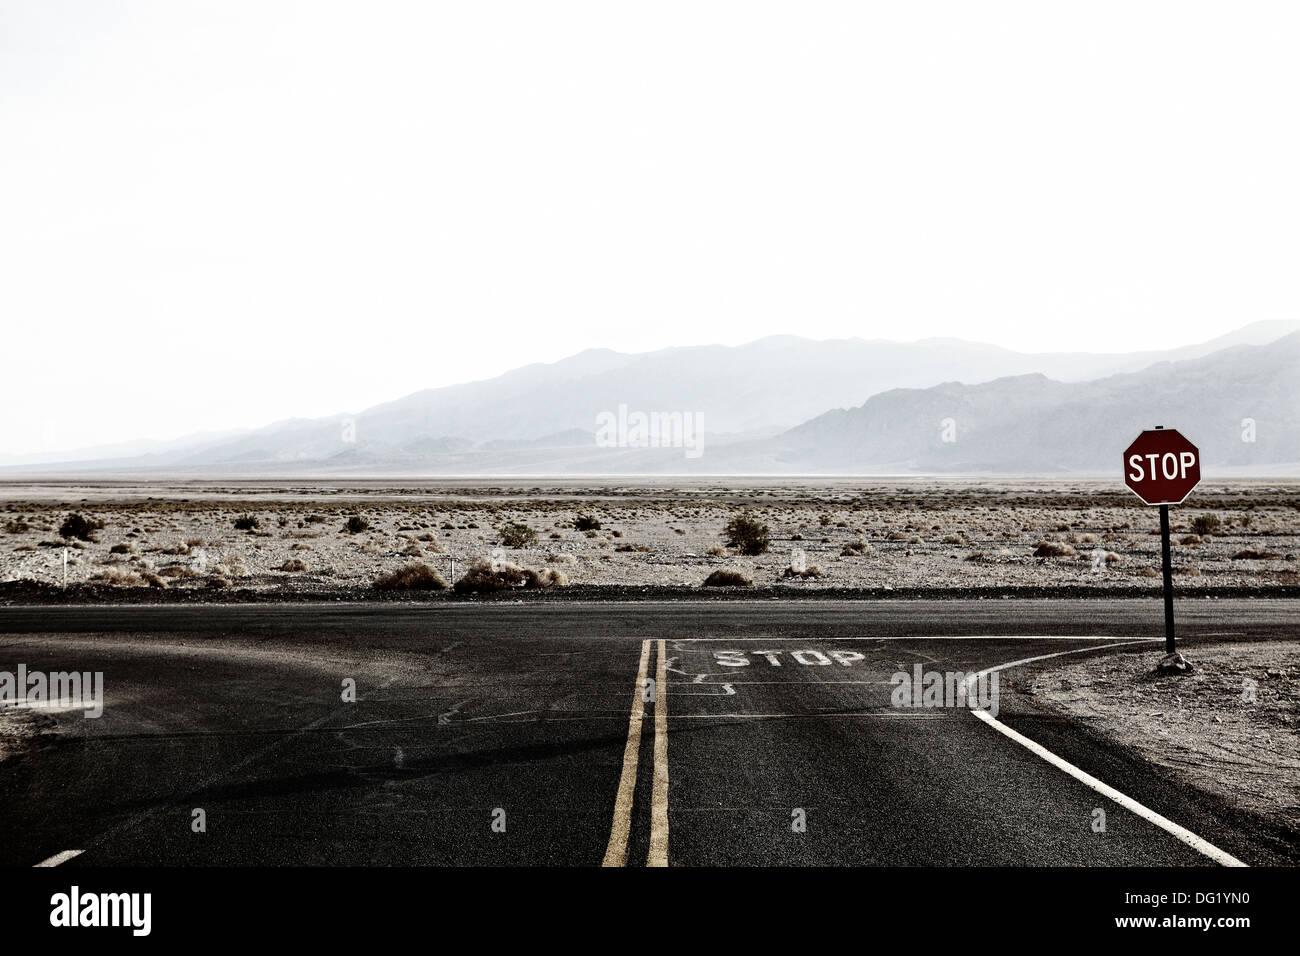 Panneau d'arrêt au Carrefour du désert, Nevada, USA Photo Stock